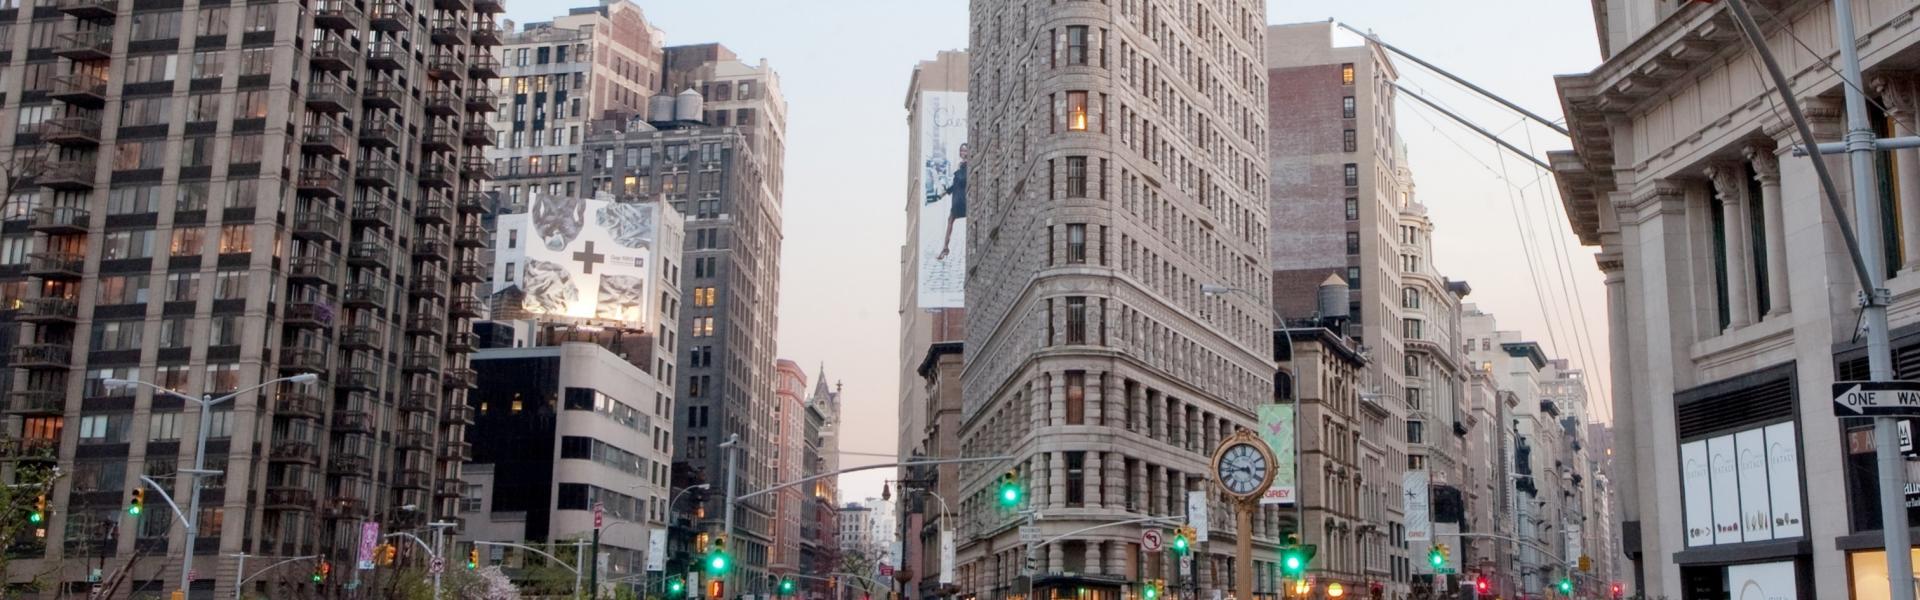 Flatiron-Building-Flatiron-Manhattan-NYC-Will-Steac